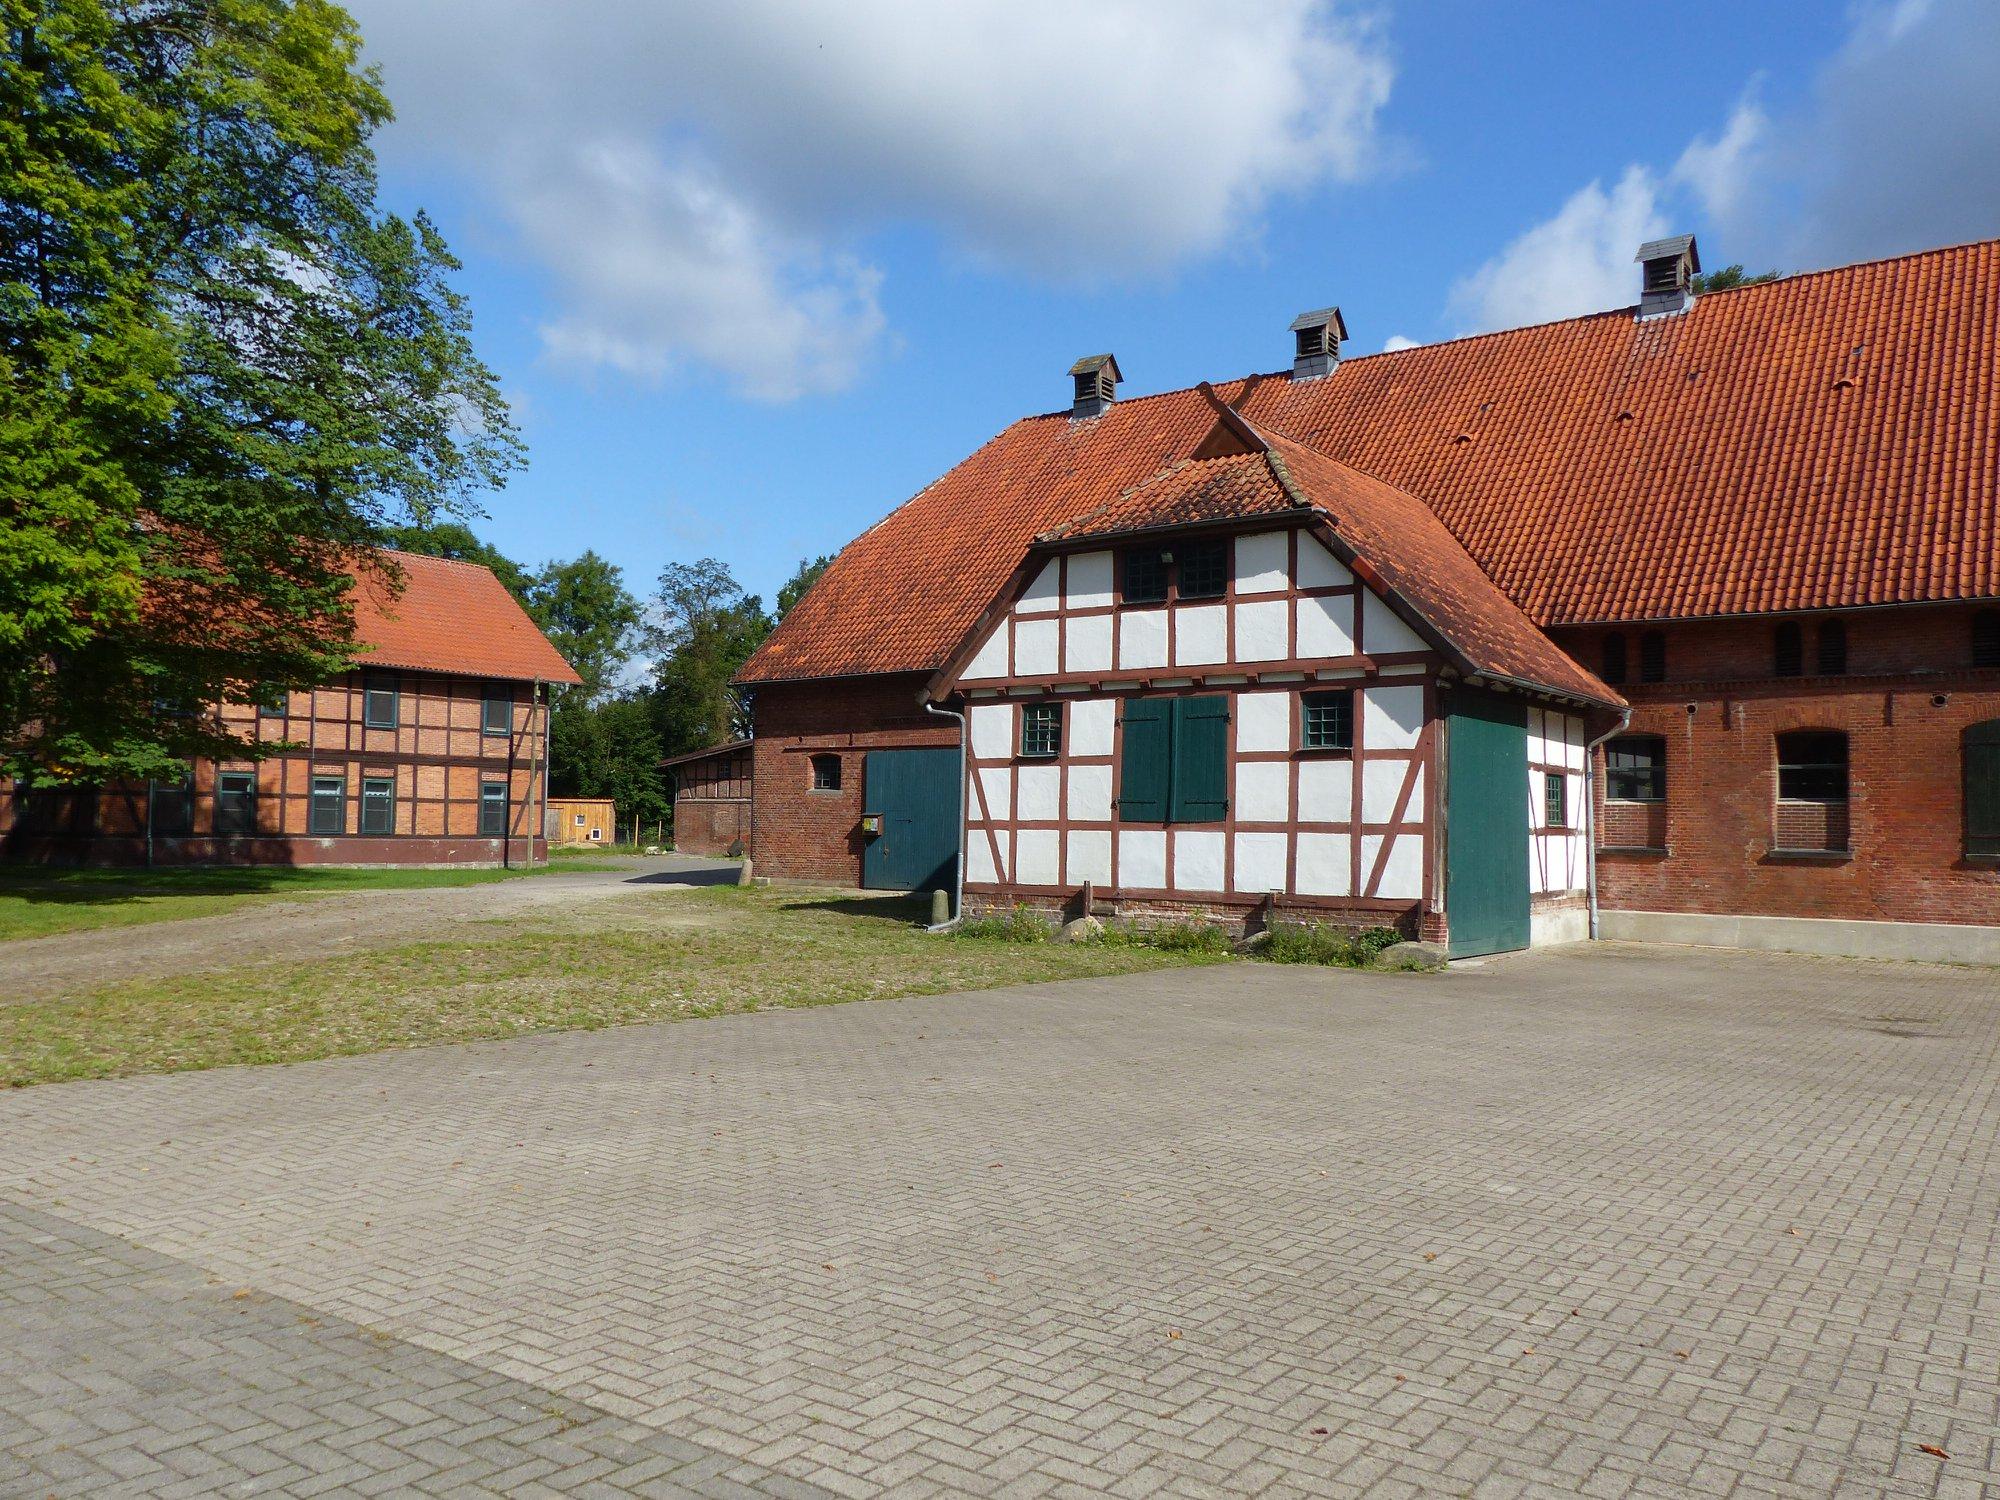 KulturLandKultur Klostergut Burgsittensen